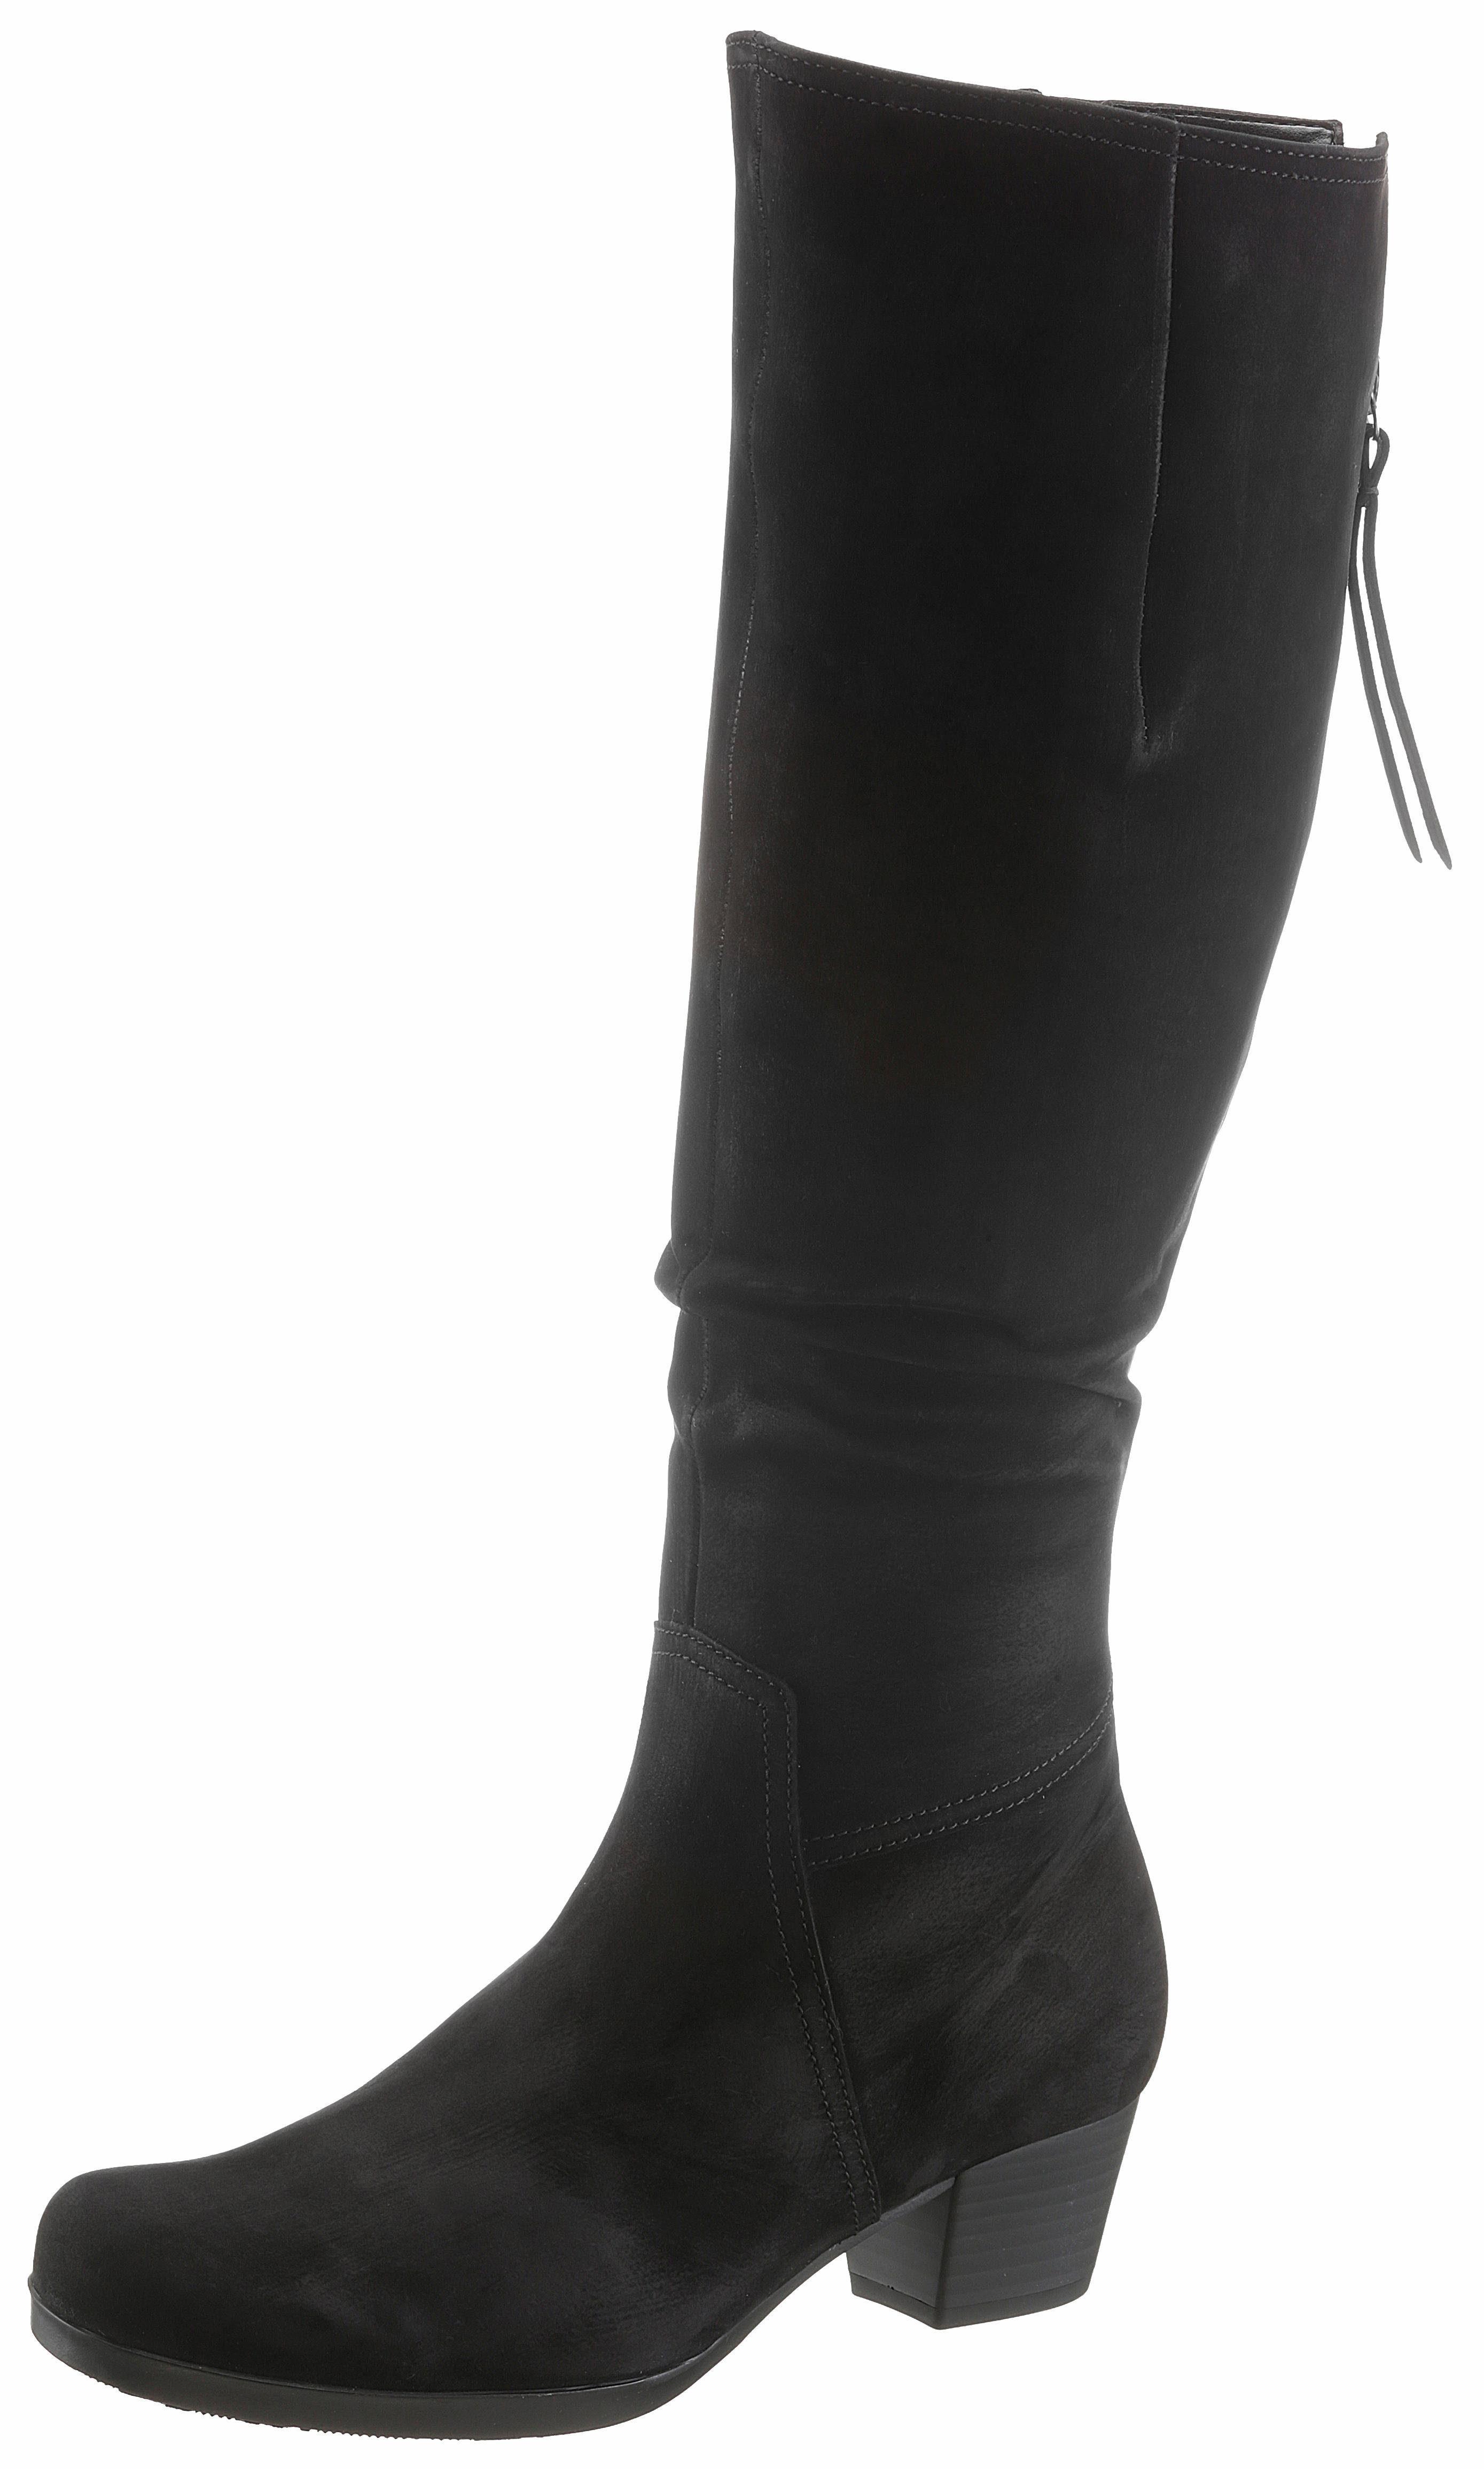 Stiefel Obermaterial Gabor In Schuhweite Als KaufenOtto GweitGefettetes Nubukleder Online kiTXwPZuO